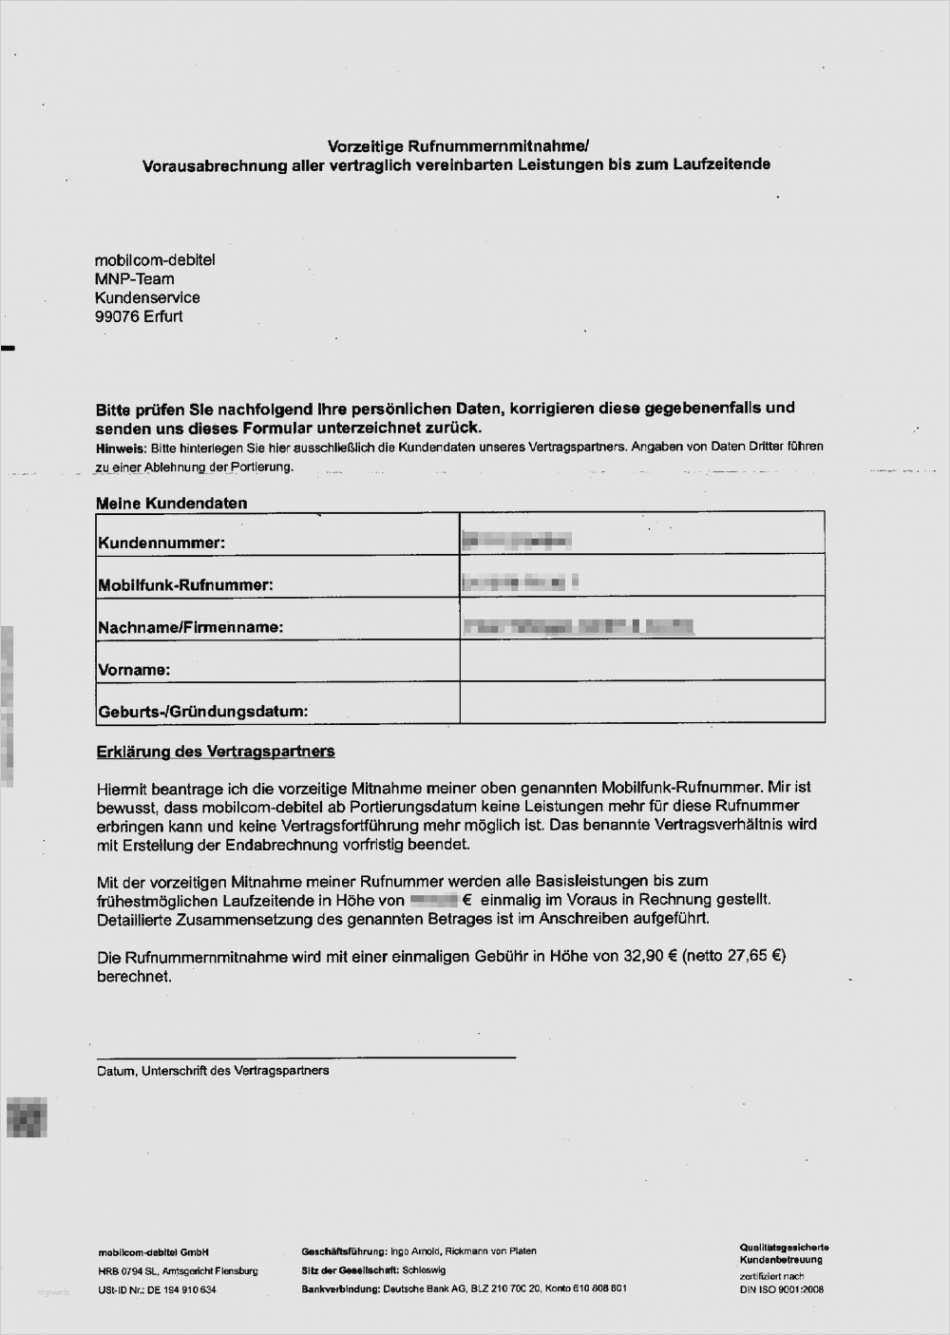 Erstaunlich Mobilcom Debitel Kundigung Vorlage Pdf Solche Konnen Adaptieren In Ms Word Vorlagen Briefkopf Vorlage Lebenslauf